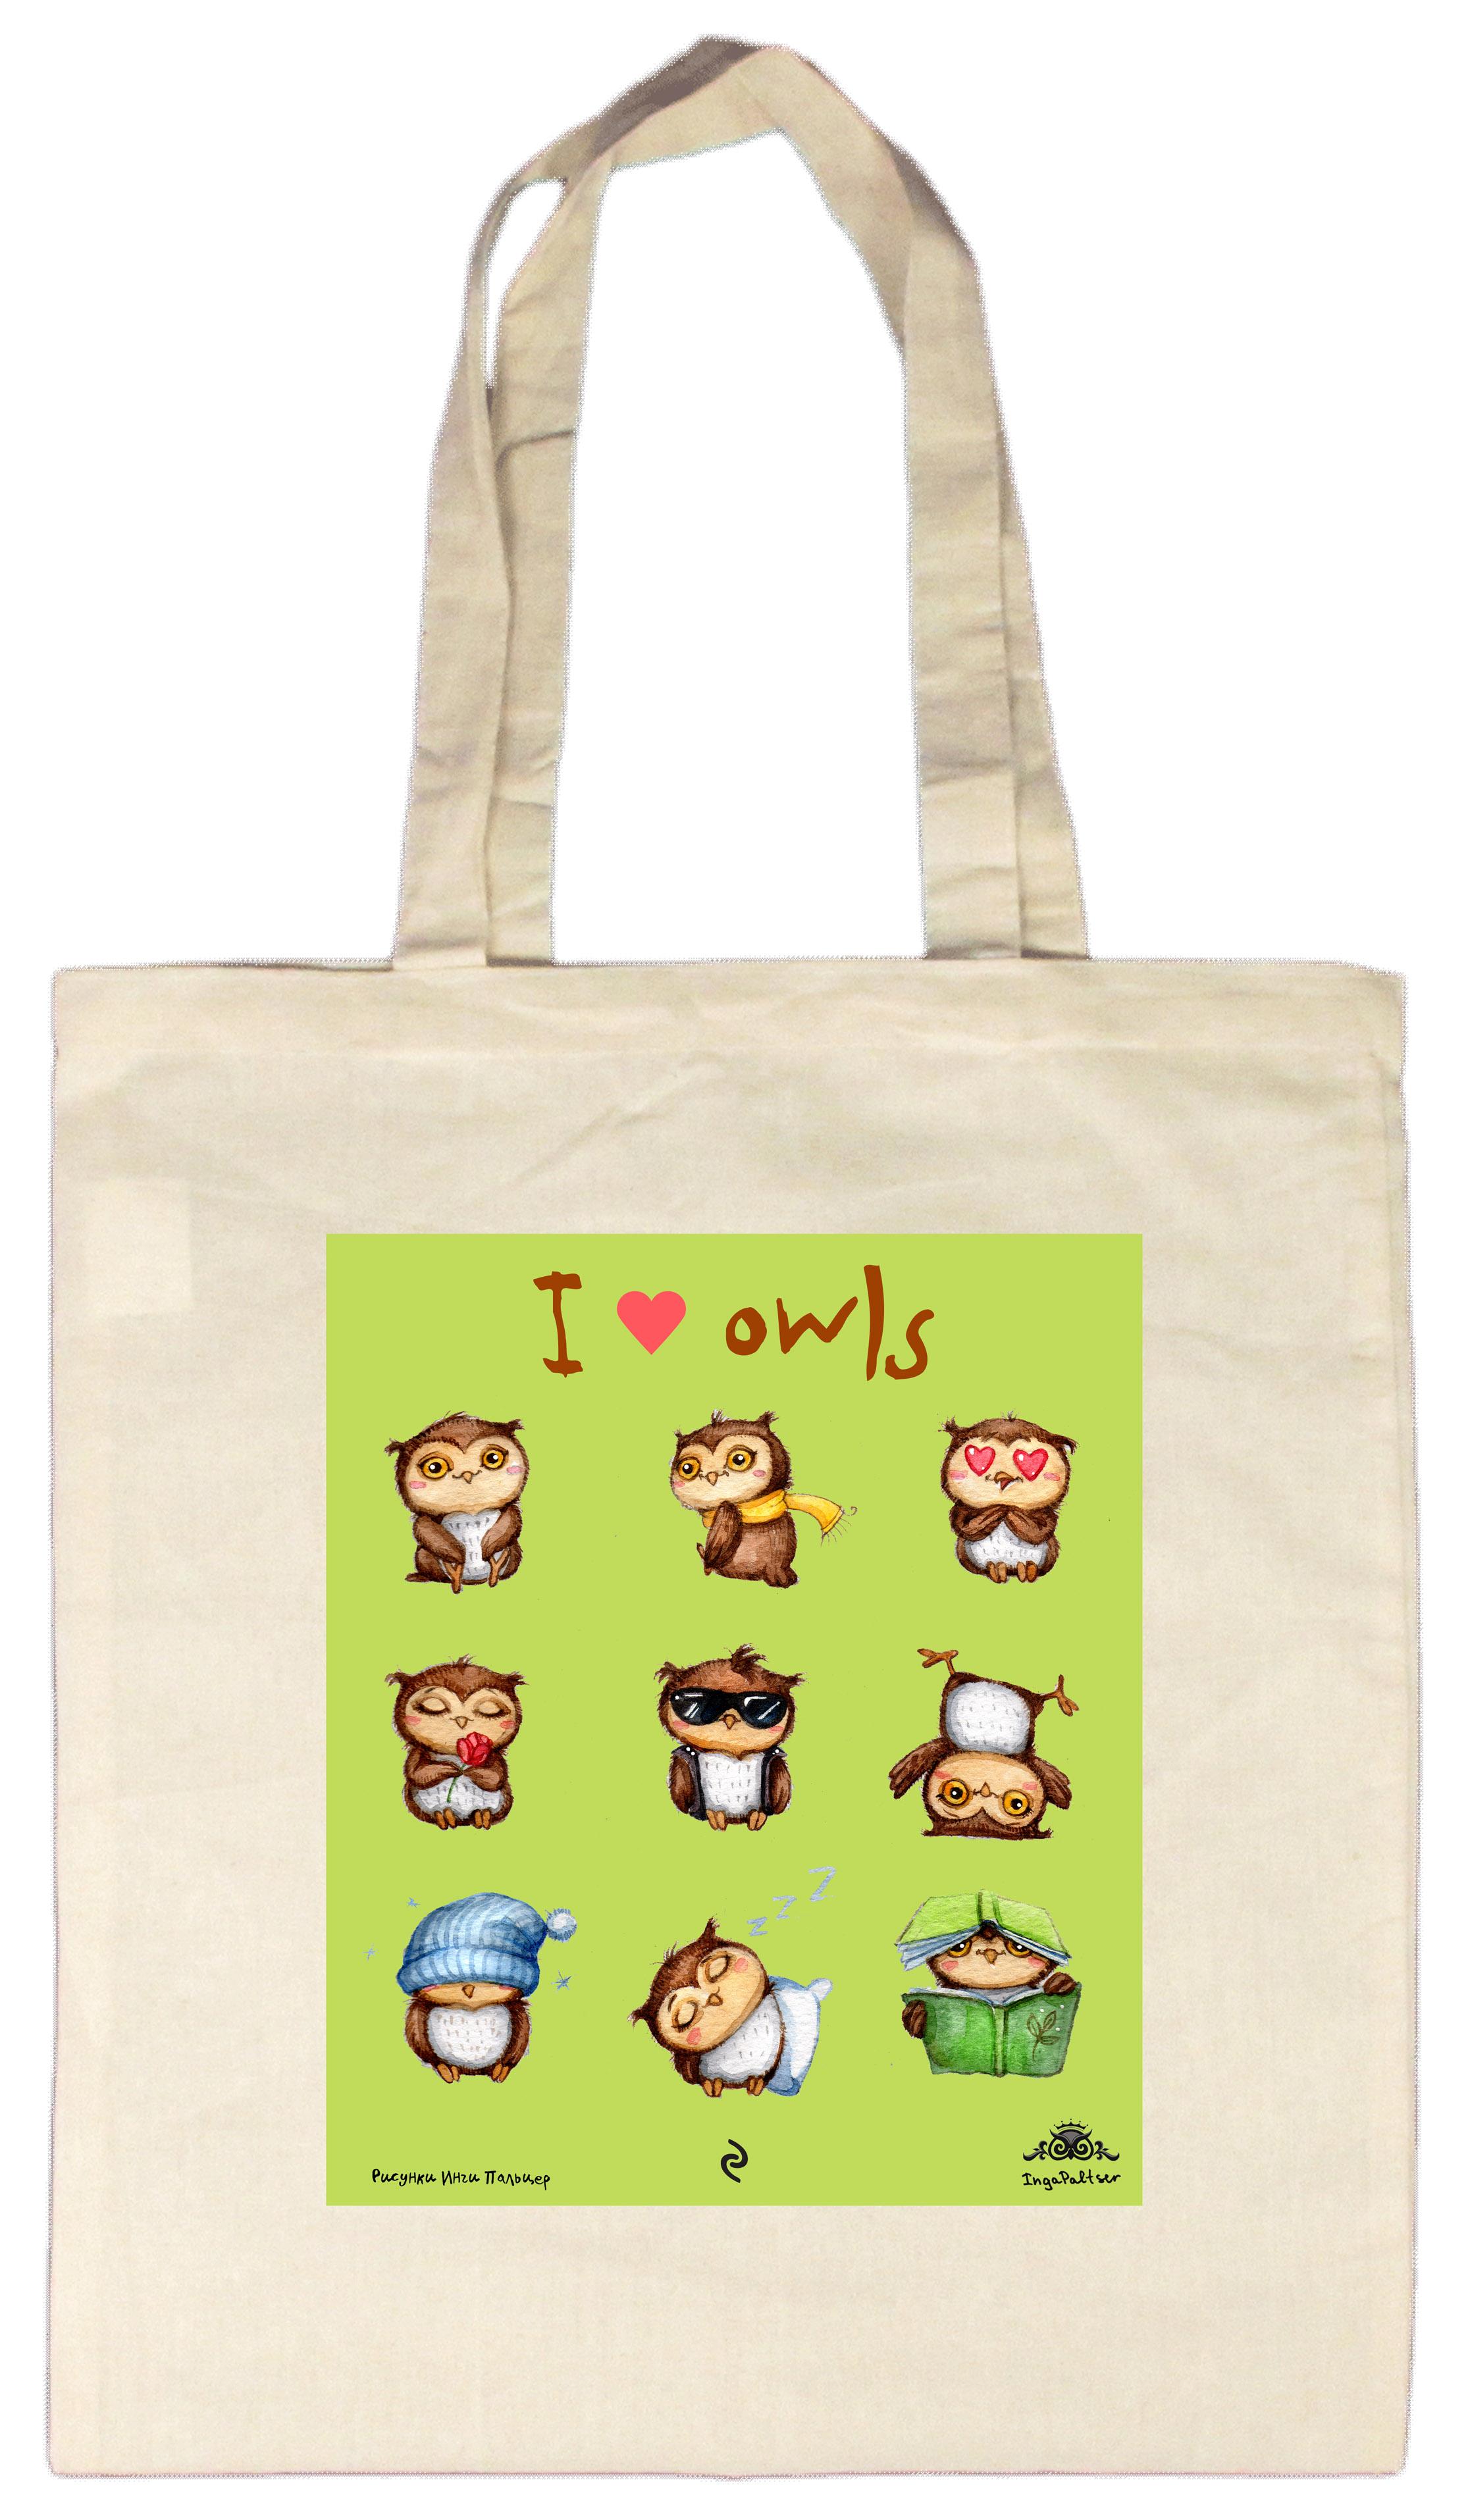 Сумка I Love Owls, 35 х 39 см978-5-699-83855-4Смешные совы теперь и на сумках! Легкая, удобная сумка из плотной ткани с цветным рисунком любимых персонажей станет отличным спутником на каждый день. Длина ручки позволяет носить ее на плече. Смешные надписи и авторские рисунки сов от Инги Пальцер будут радовать вас каждый день. А также станут отличным подарком для друзей.